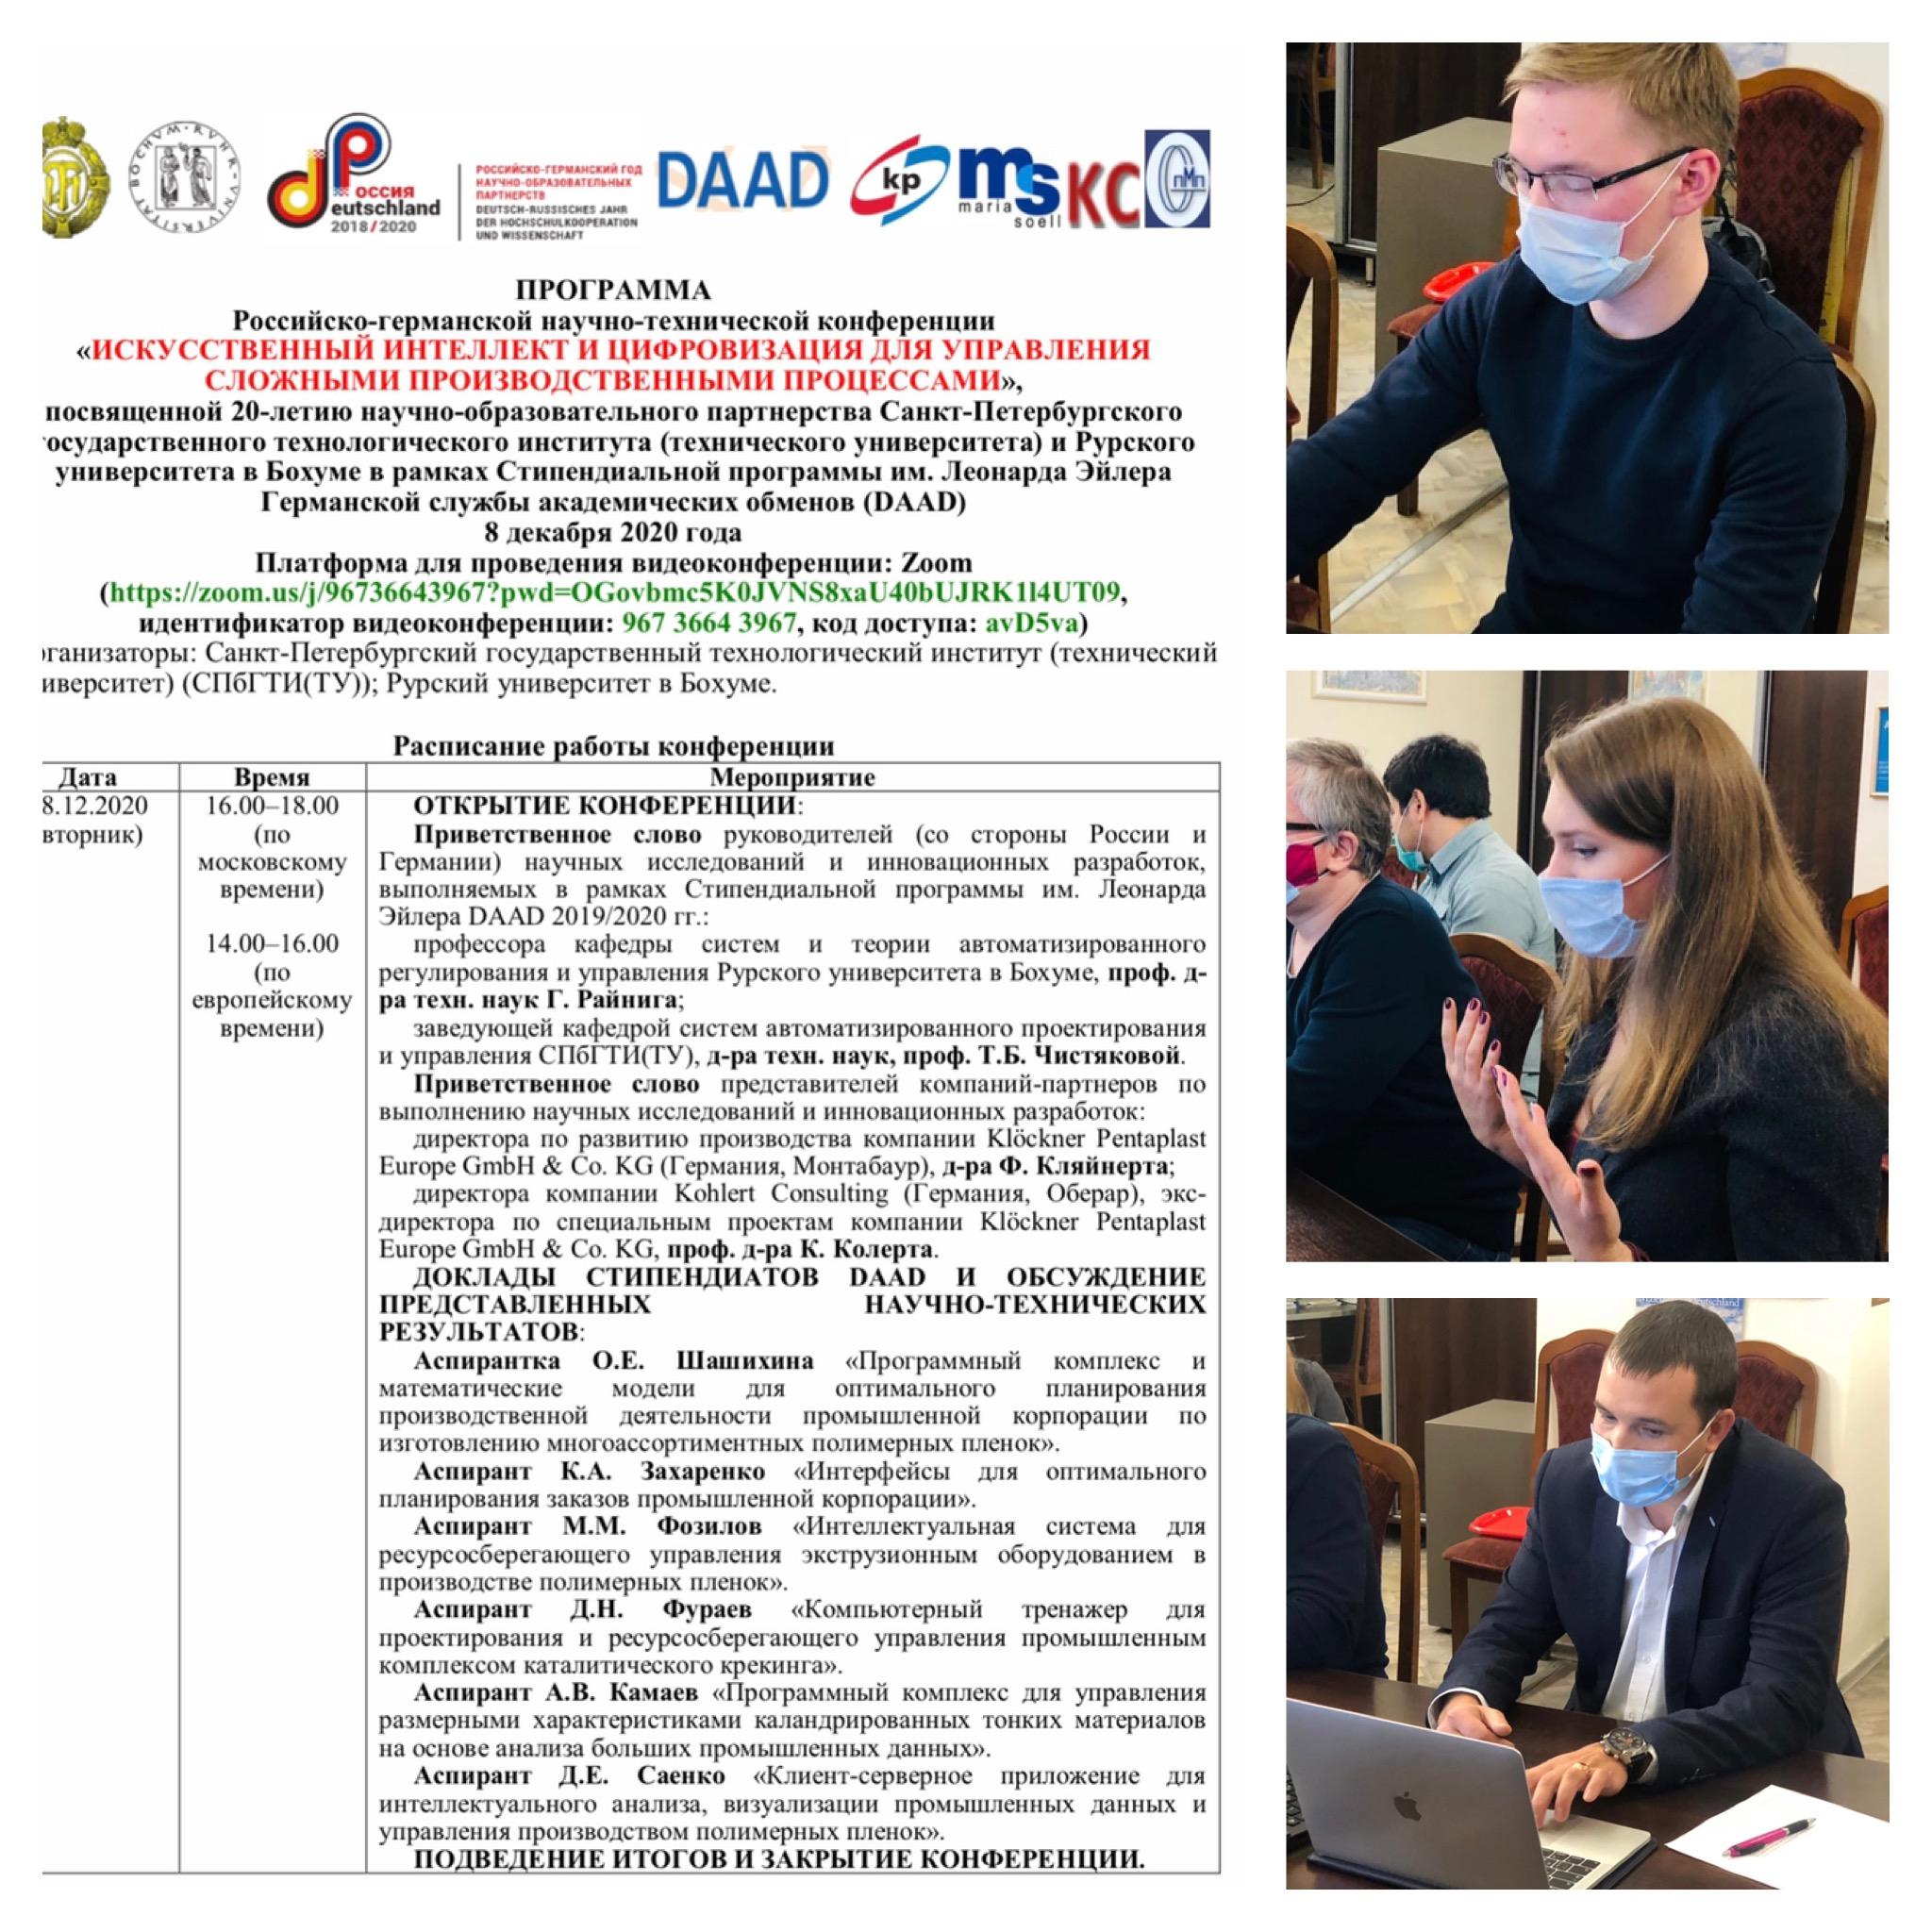 Конференция DAAD 8 декабря 2020 года